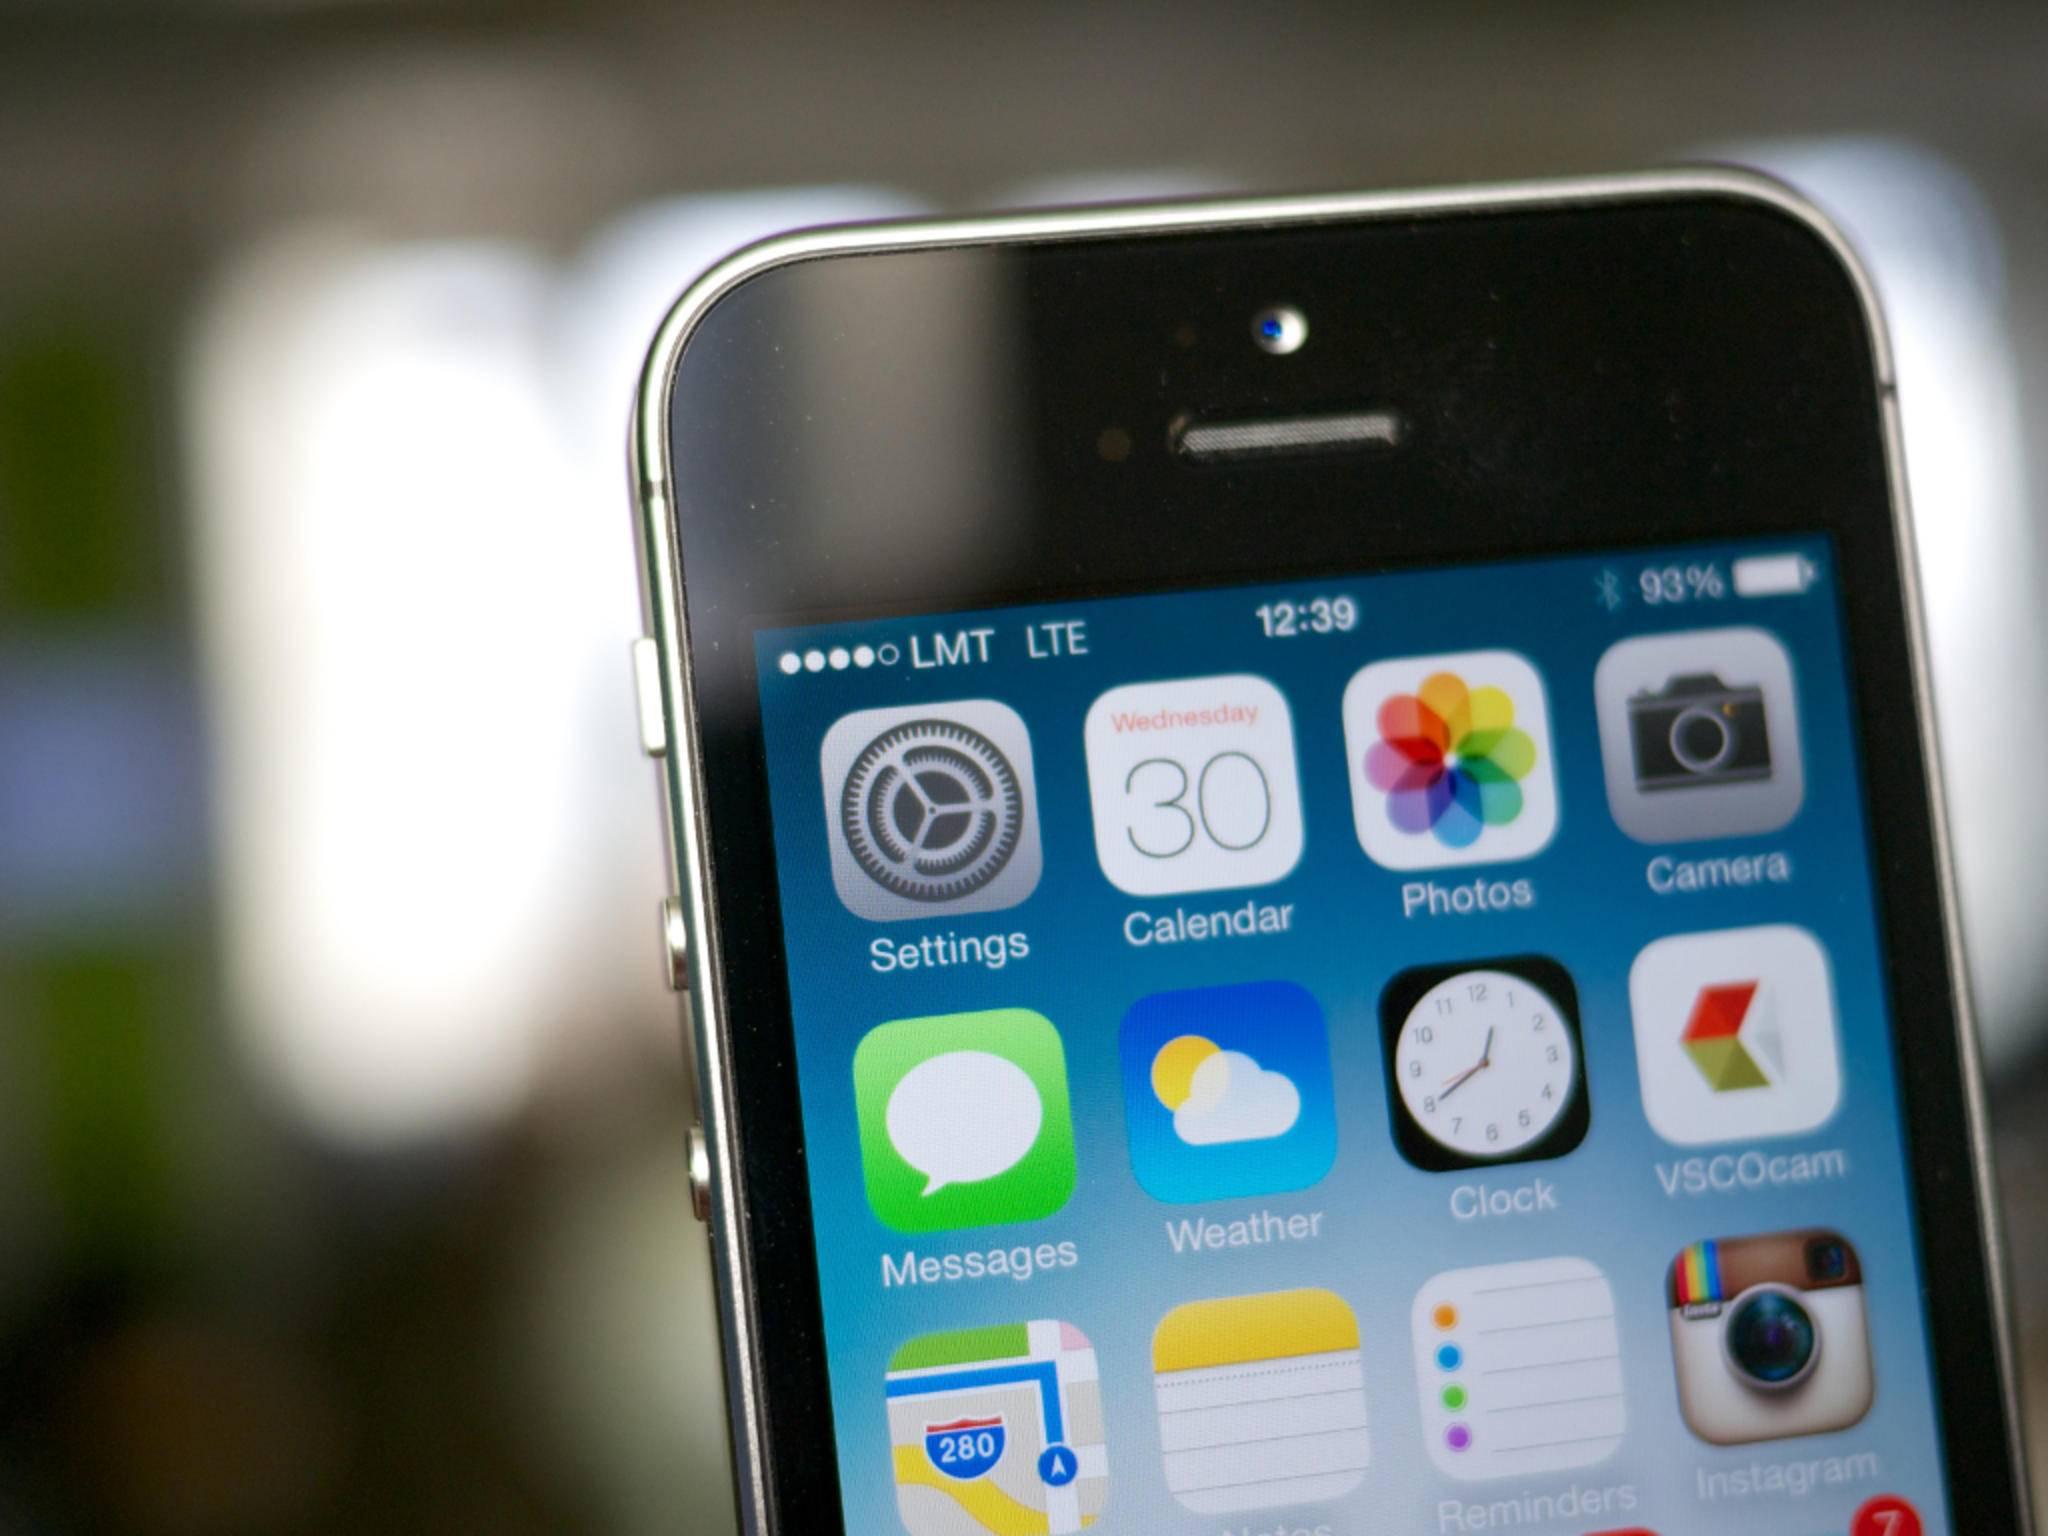 iPhone 5s versus Apollo 11: Der Vergleich ist ziemlich eindeutig.